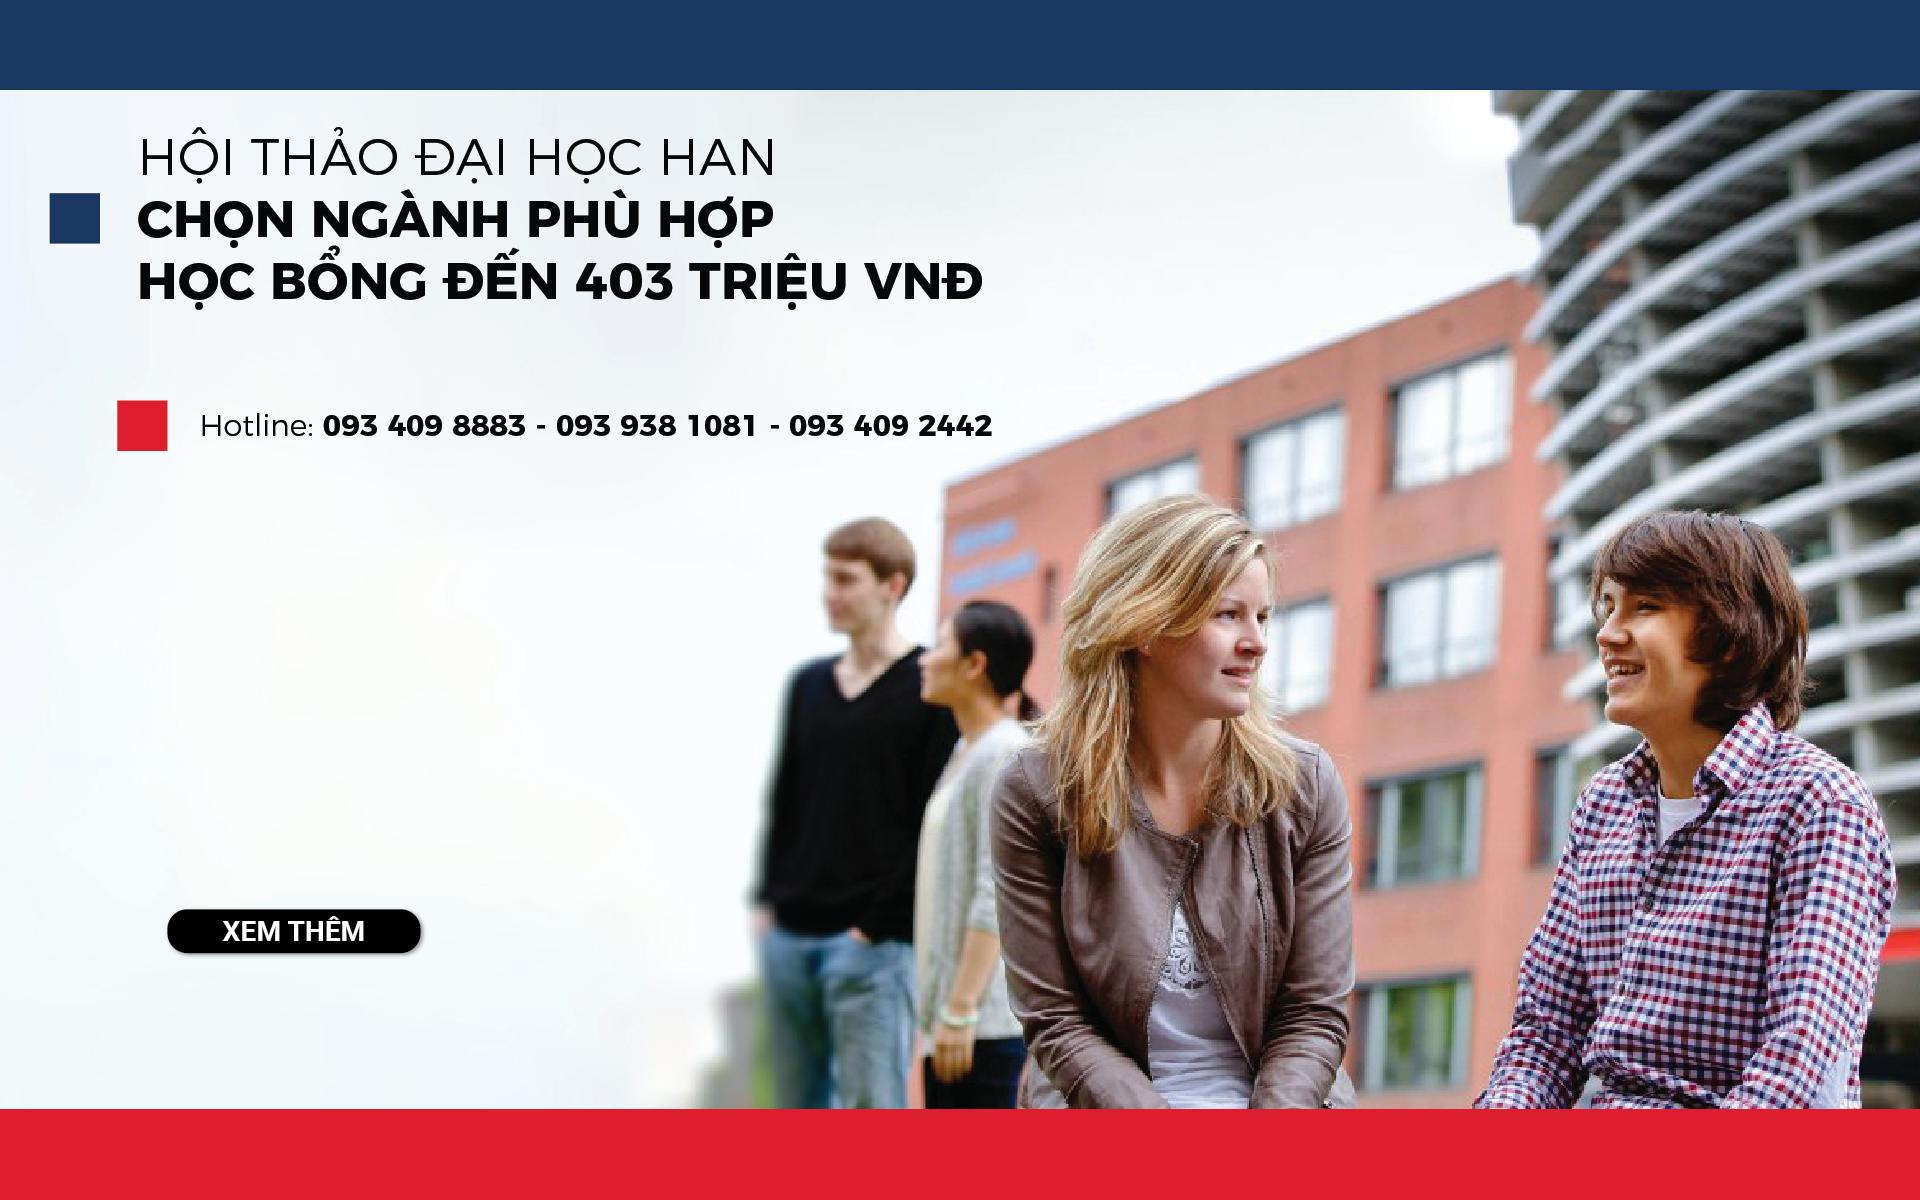 Hội thảo Đại học HAN: Định hướng tương lai – Học bổng hấp dẫn